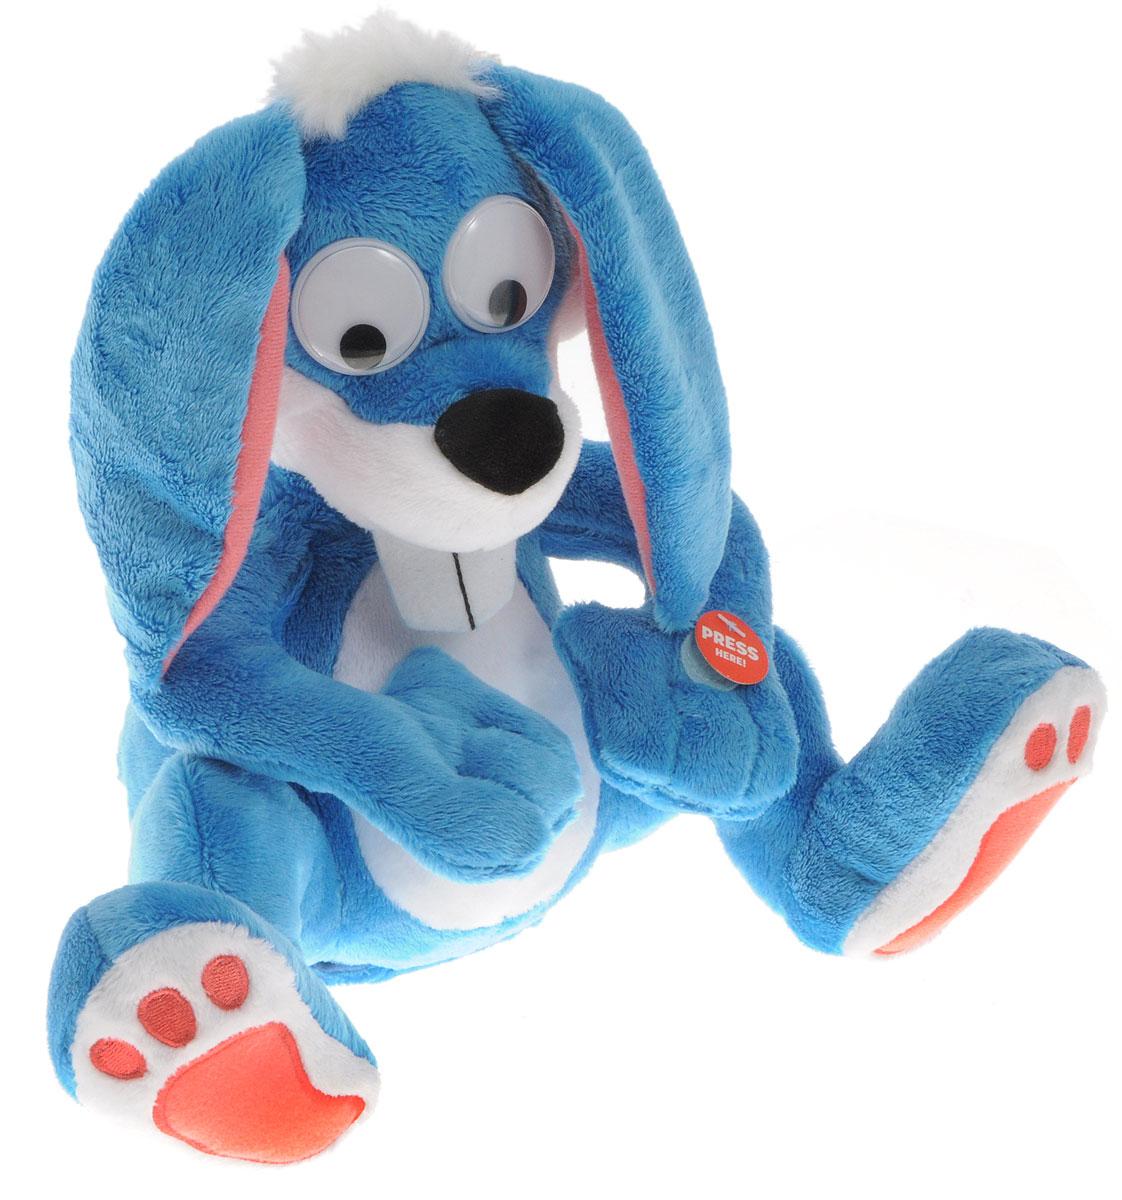 Анимированная игрушка IMC toys Fufris: Кролик